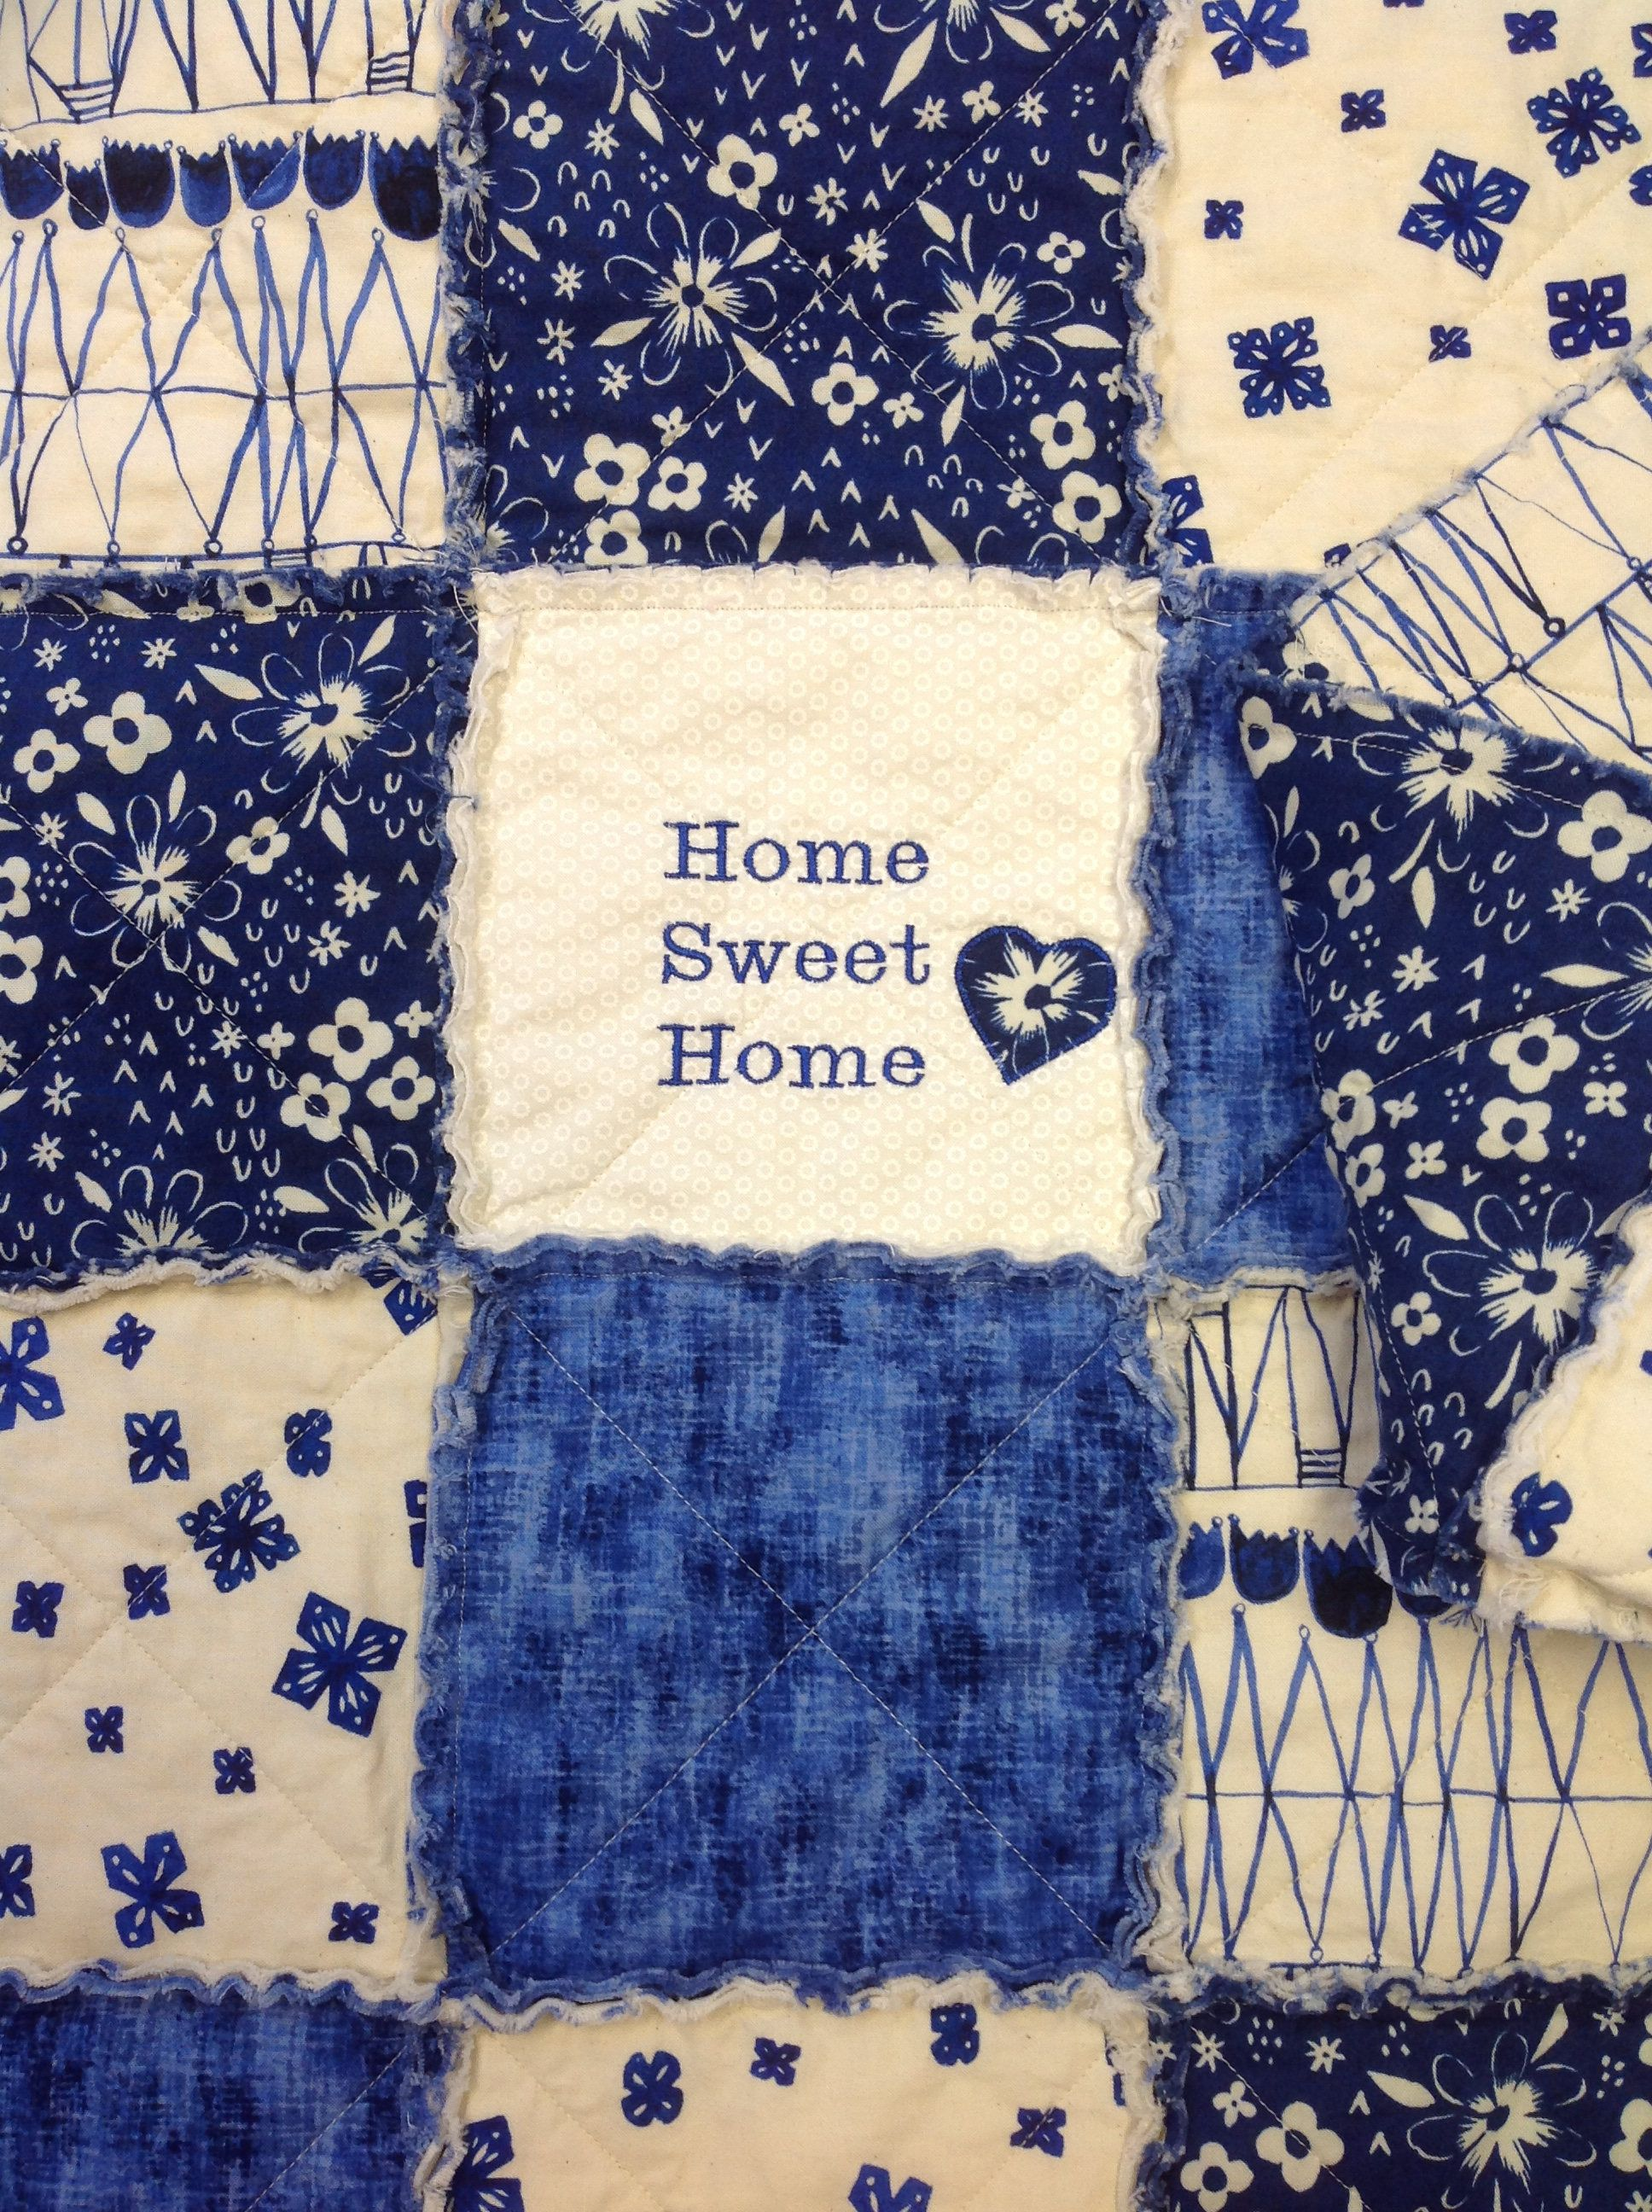 Homemade Quilt, Throw Quilt, Rag Quilt For Sale, Embroidered Quilt ... : embroidered quilts for sale - Adamdwight.com